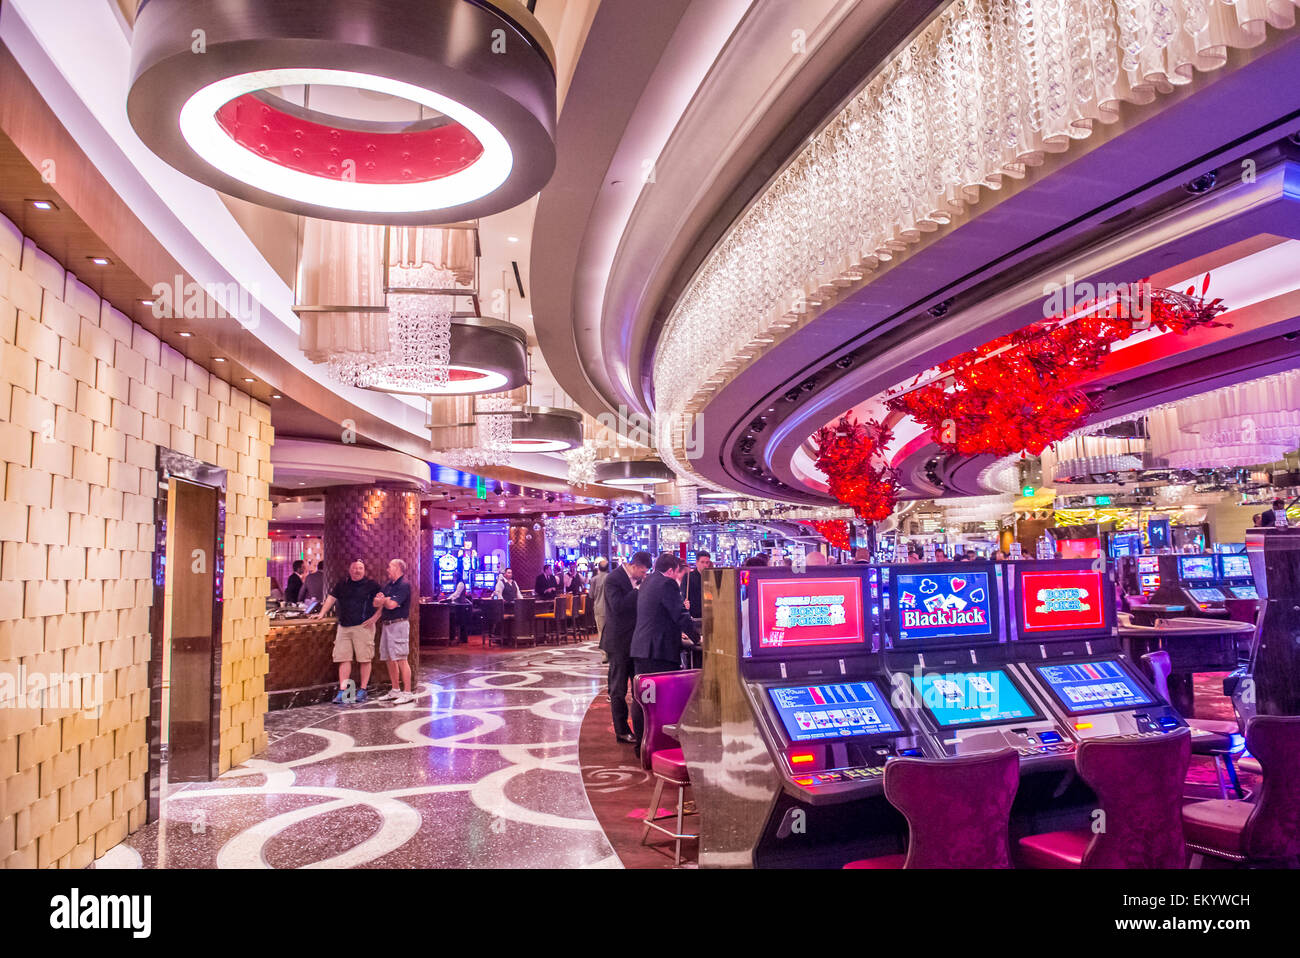 Gambling at the cosmopolitan las vegas